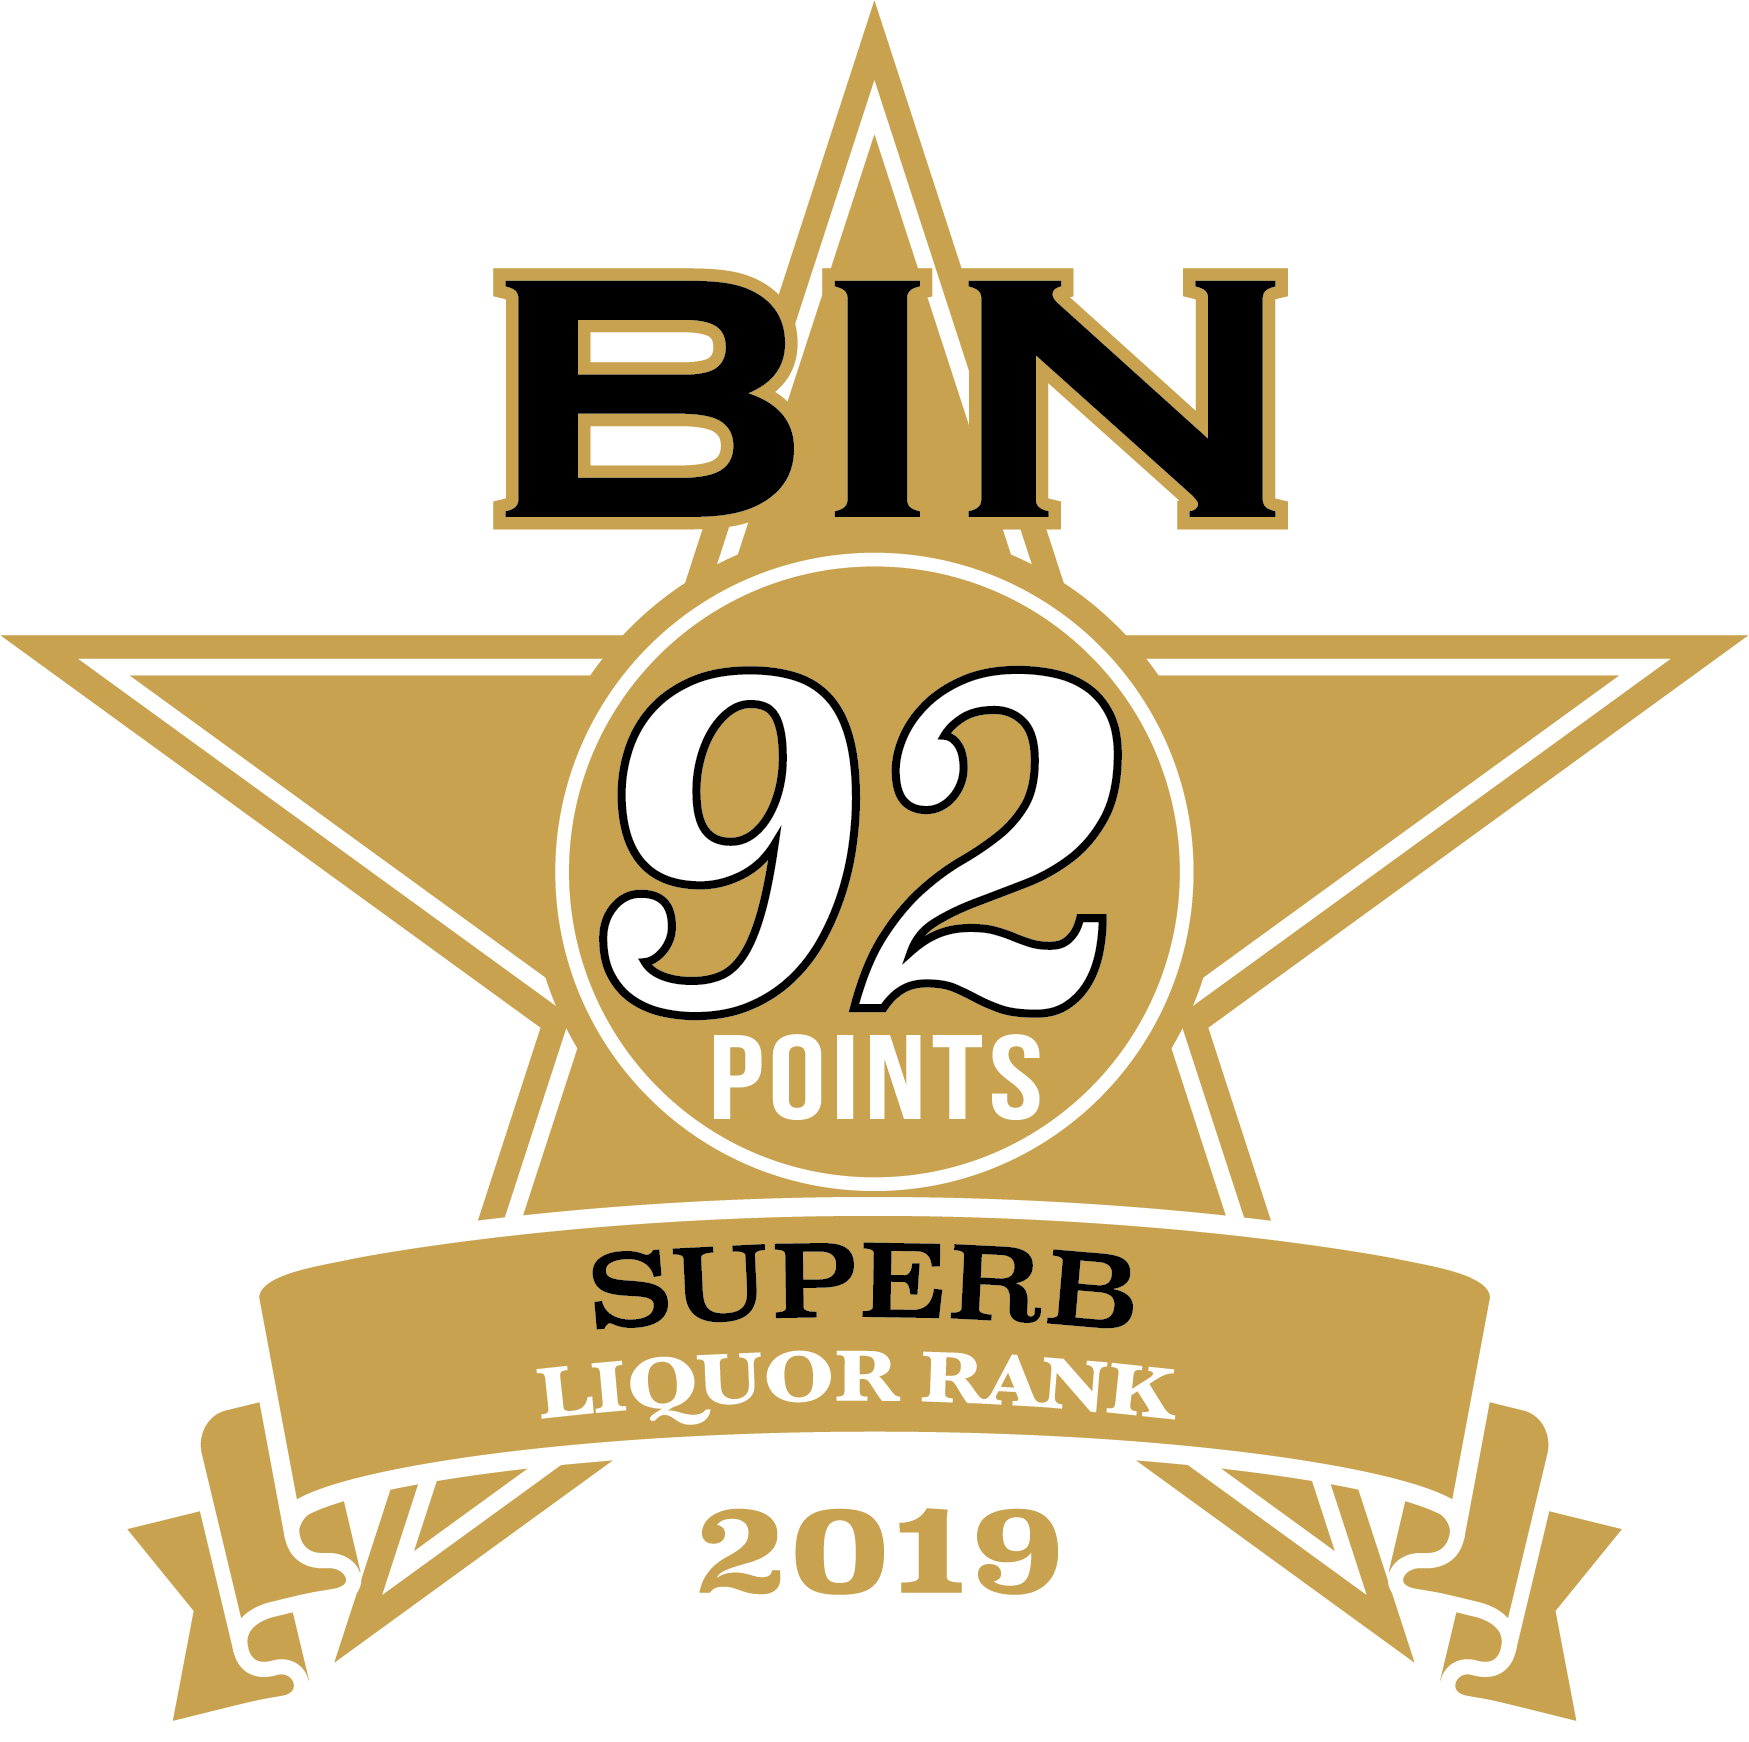 2019 LR Superb 92